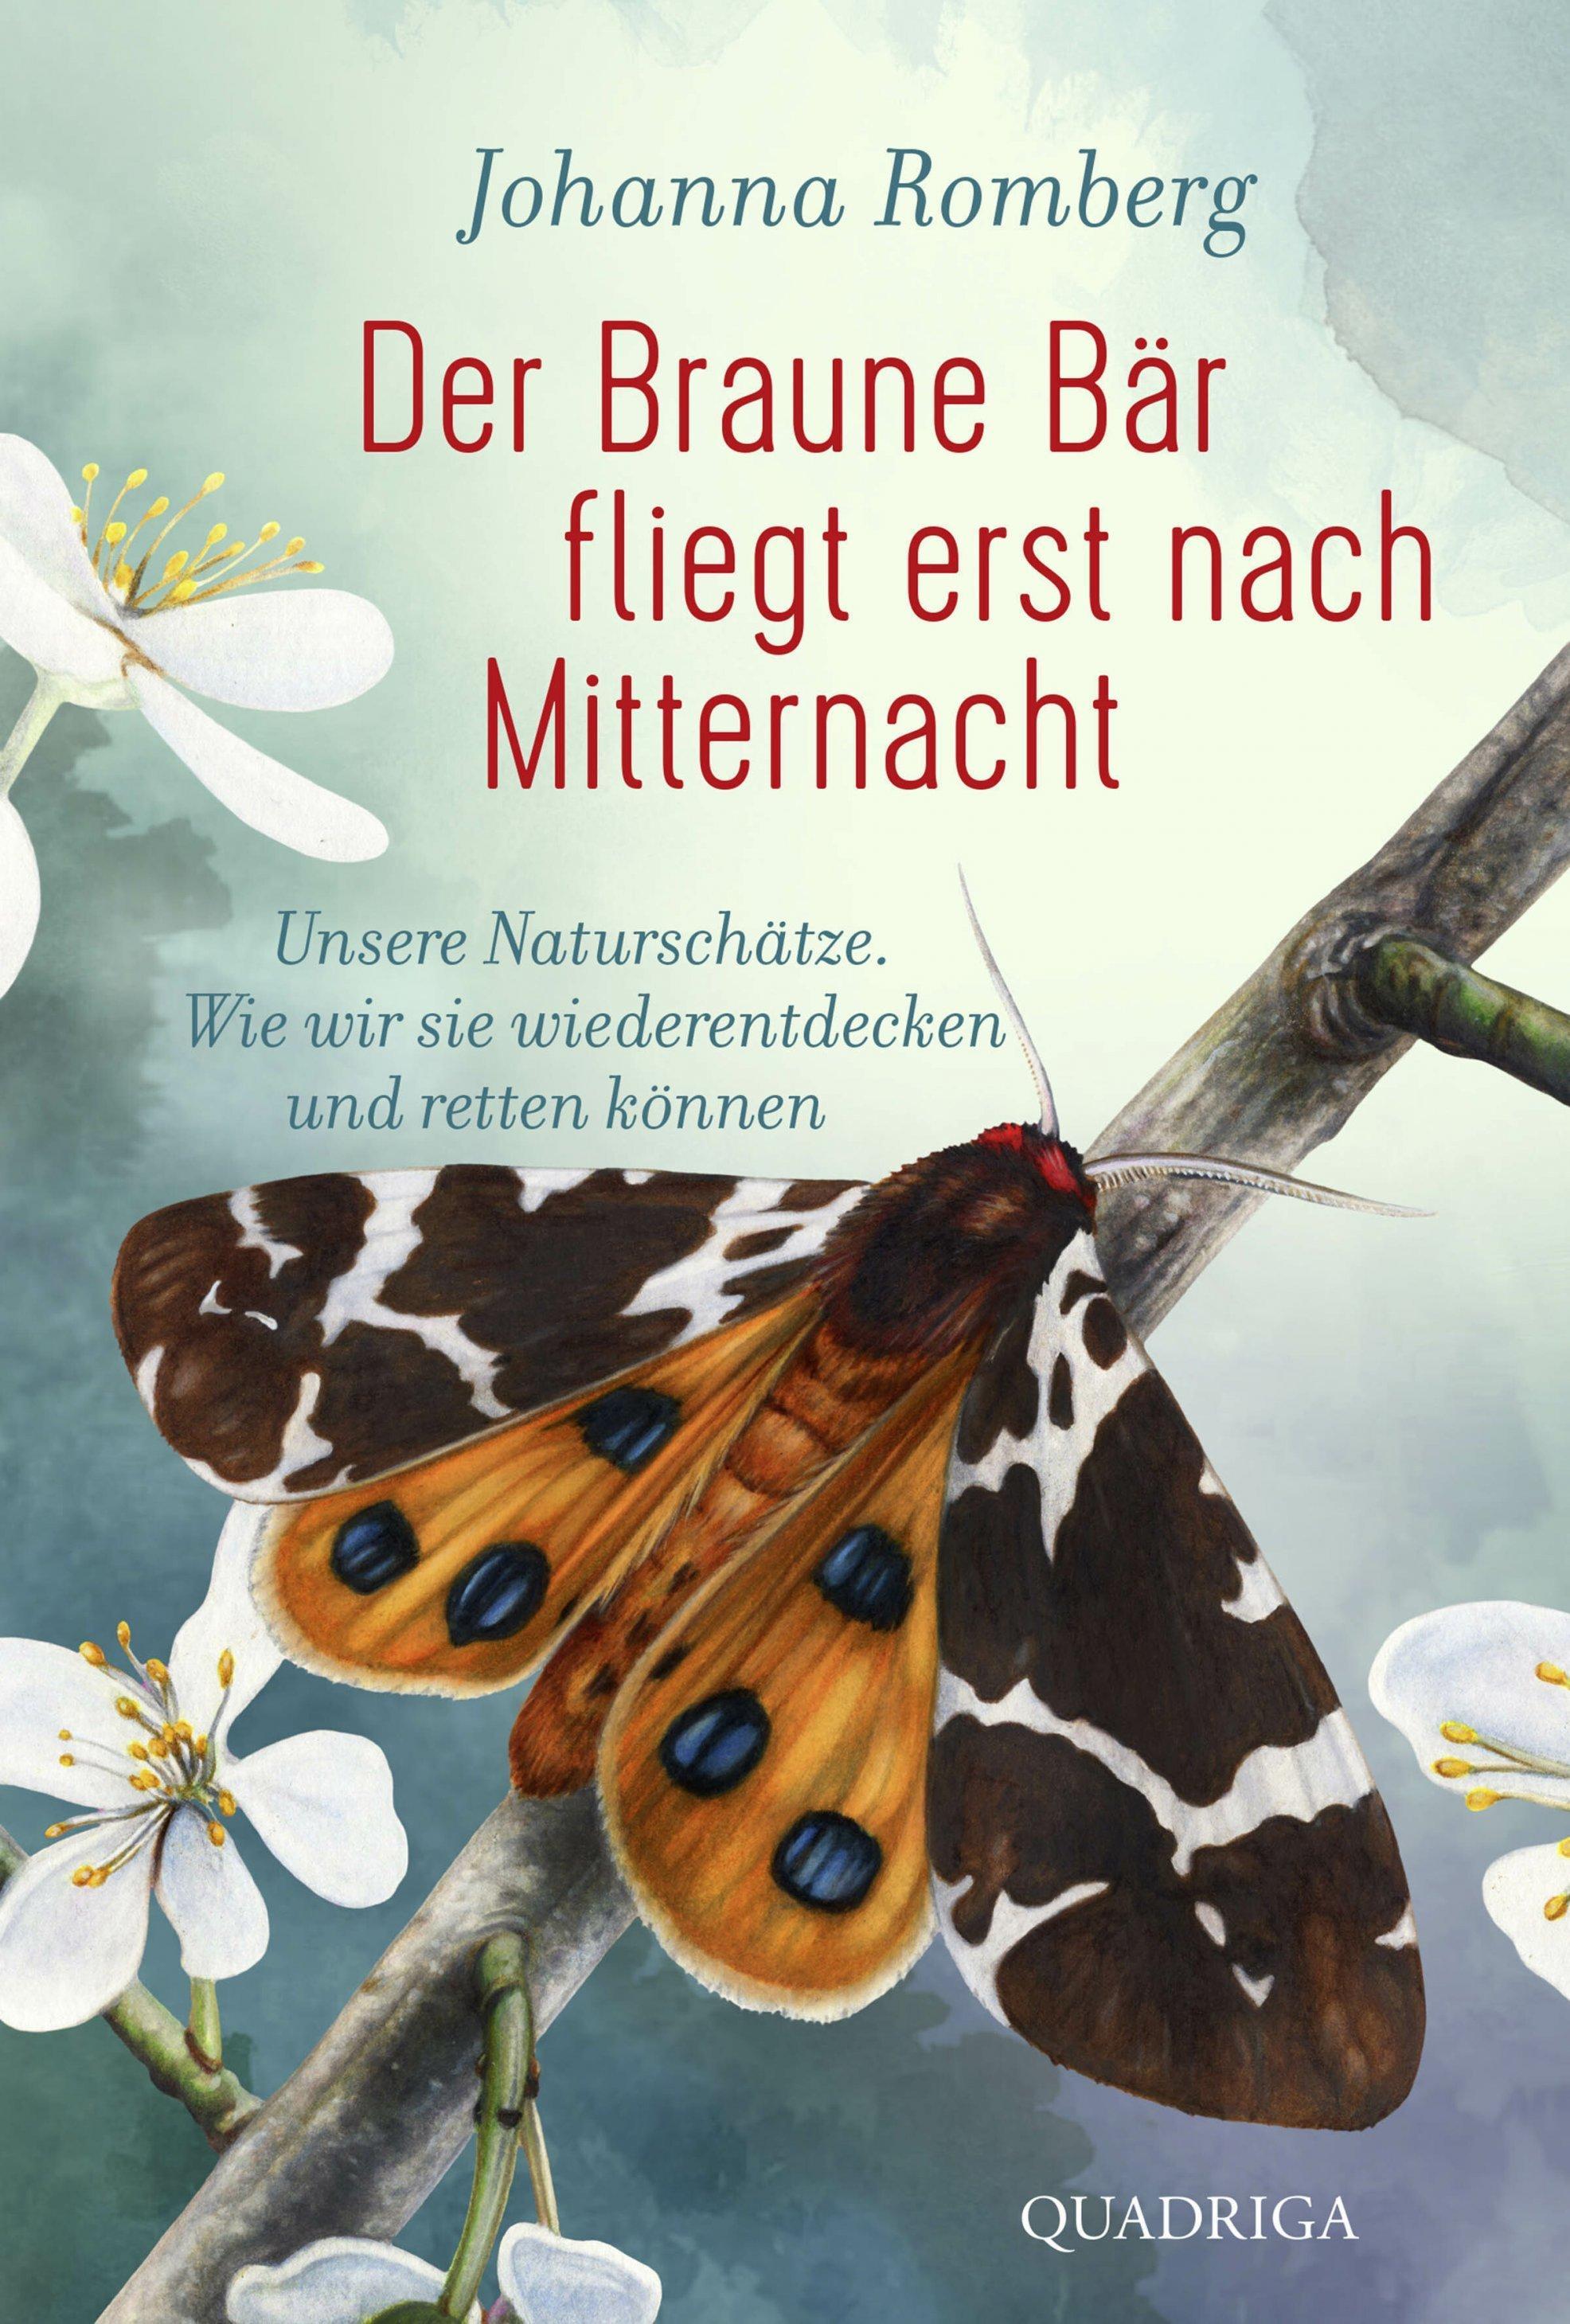 """Buchcover """"Der Braune Bär fliegt erst nach Mitternacht"""" zeigt den gezeichneten Nachtfalter Brauner Bär."""